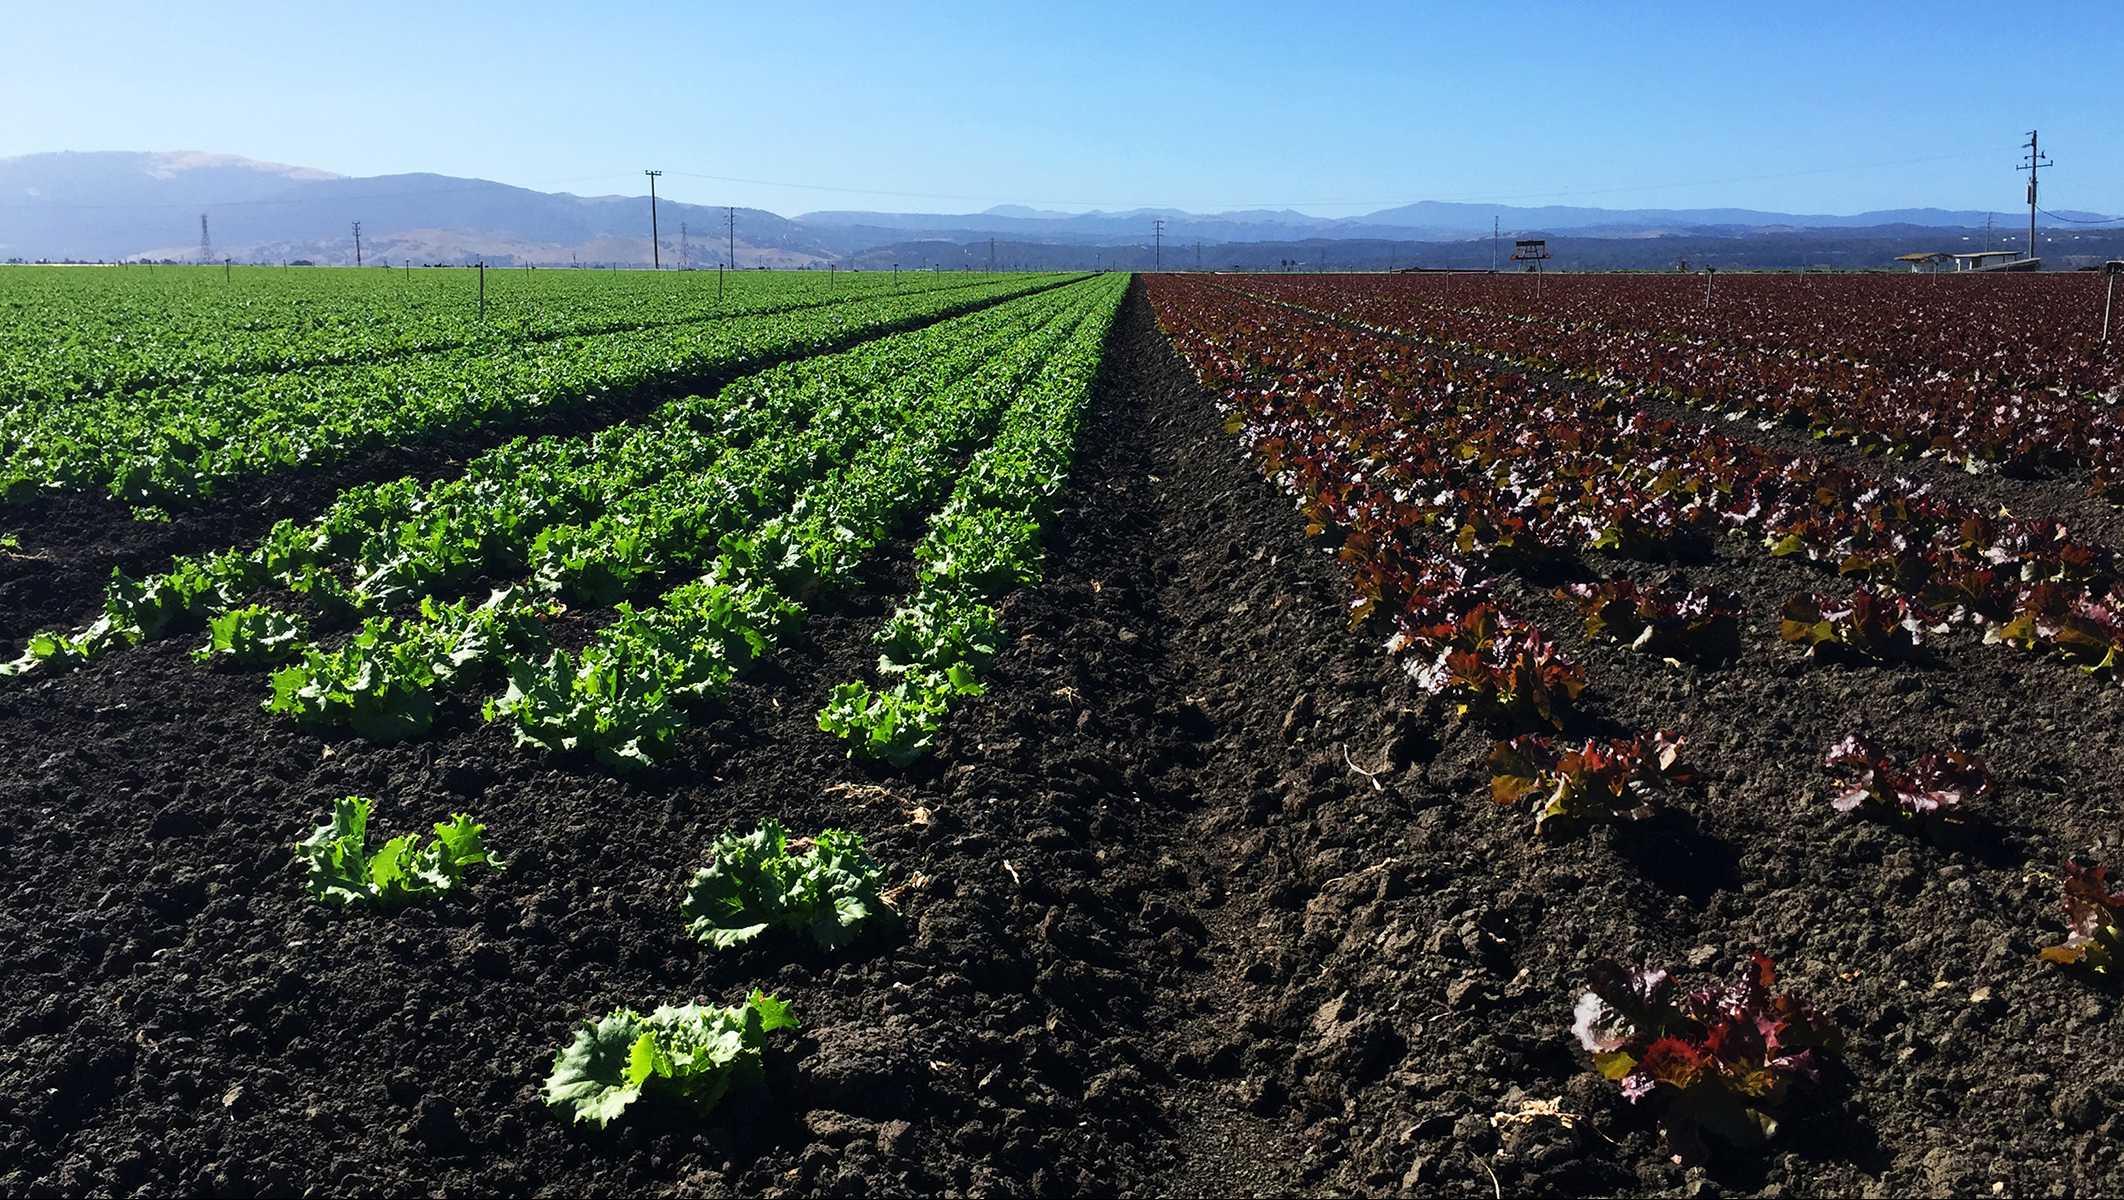 Salinas lettuce field